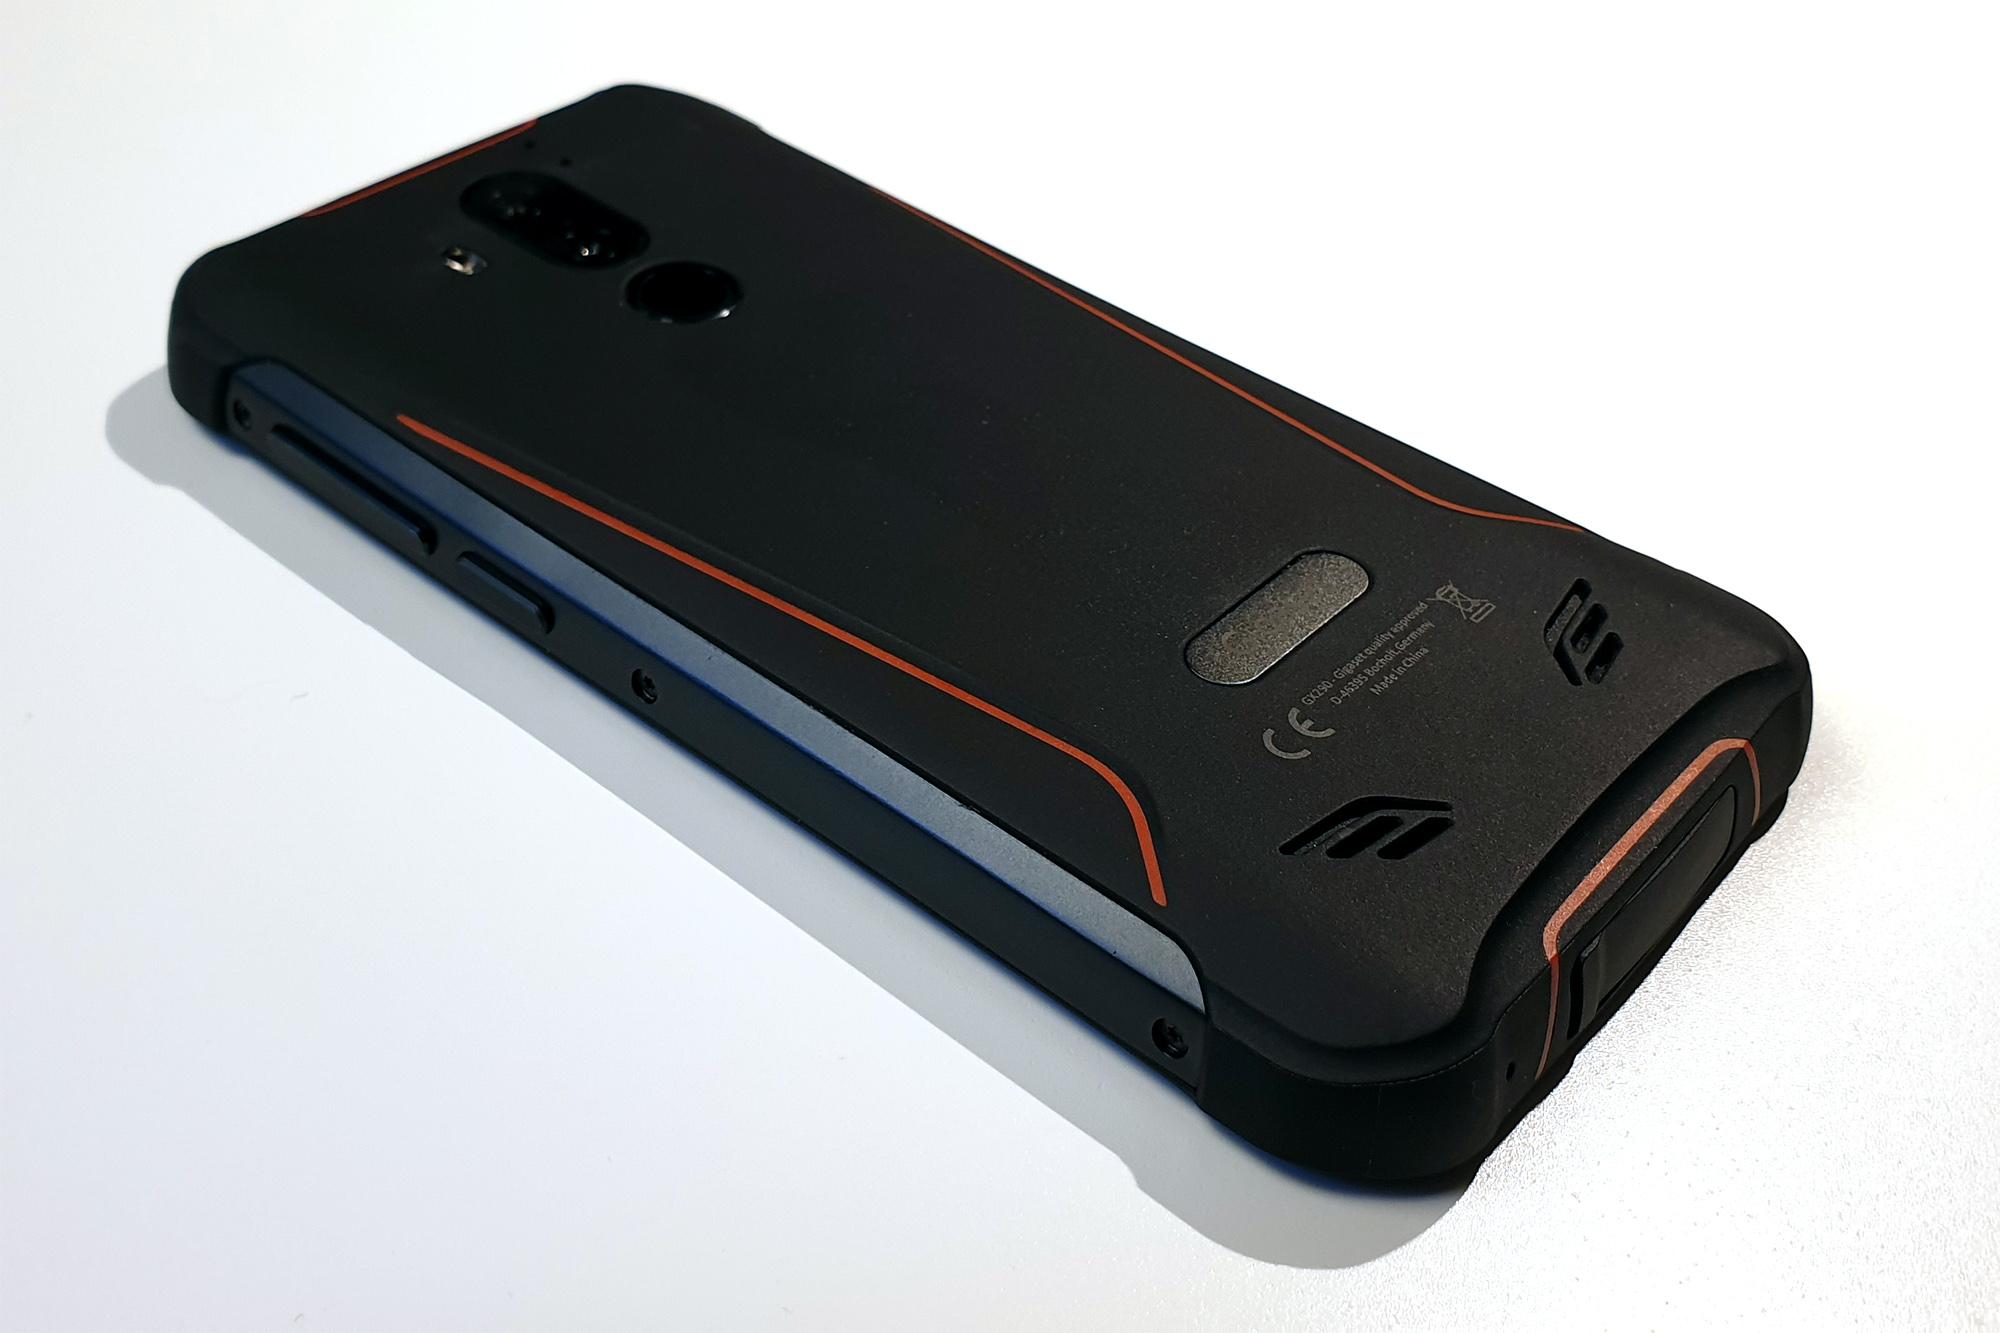 Outdoor-Handy Gigaset GX290